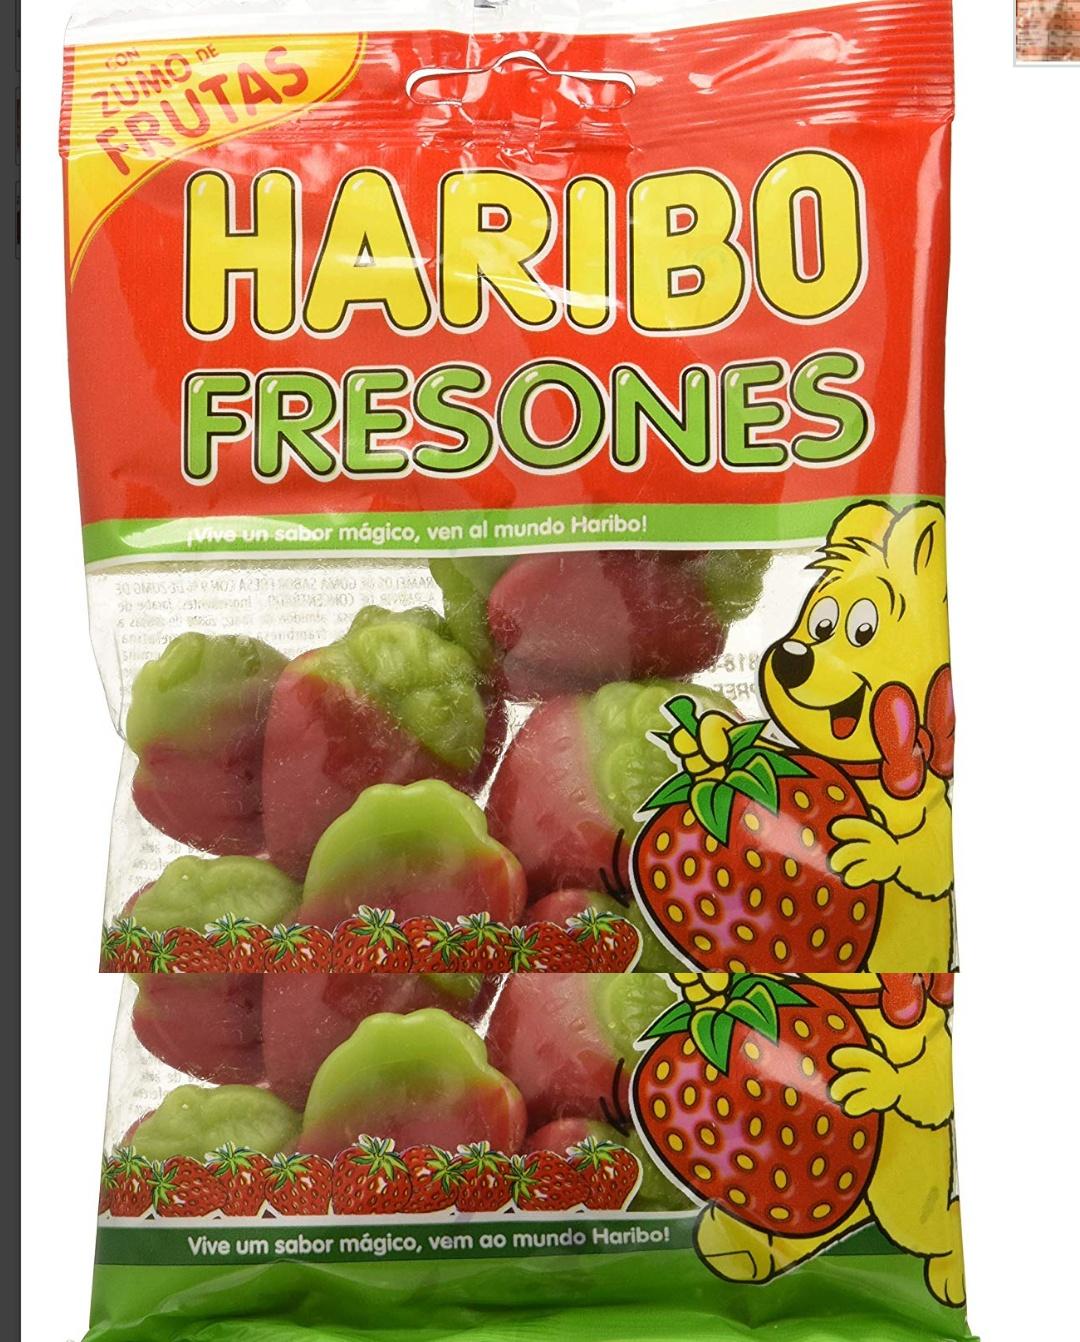 Fresones gominola Haribo 18 bolsas  de 100gr cada una total 1,8kg